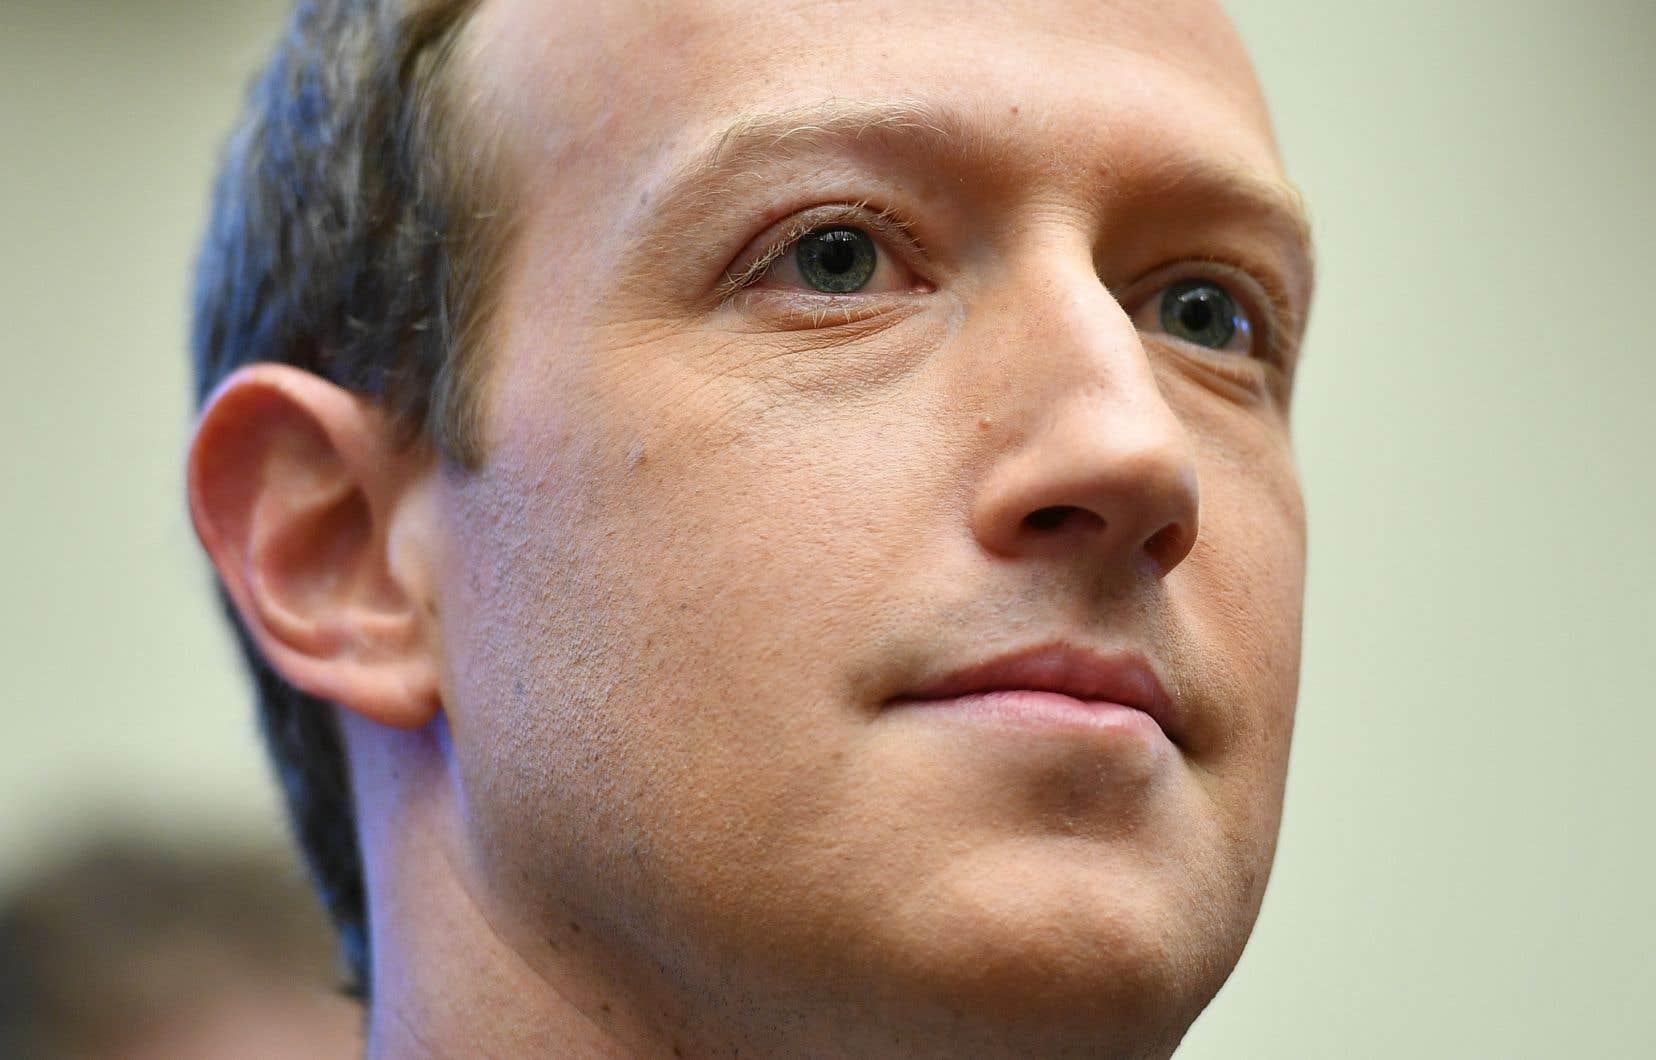 Le patron de Facebook, Mark Zuckerberg, est désavoué publiquement par certains de ces employés pour son inaction face aux déclarations controversées de Donald Trump sur la plateforme.